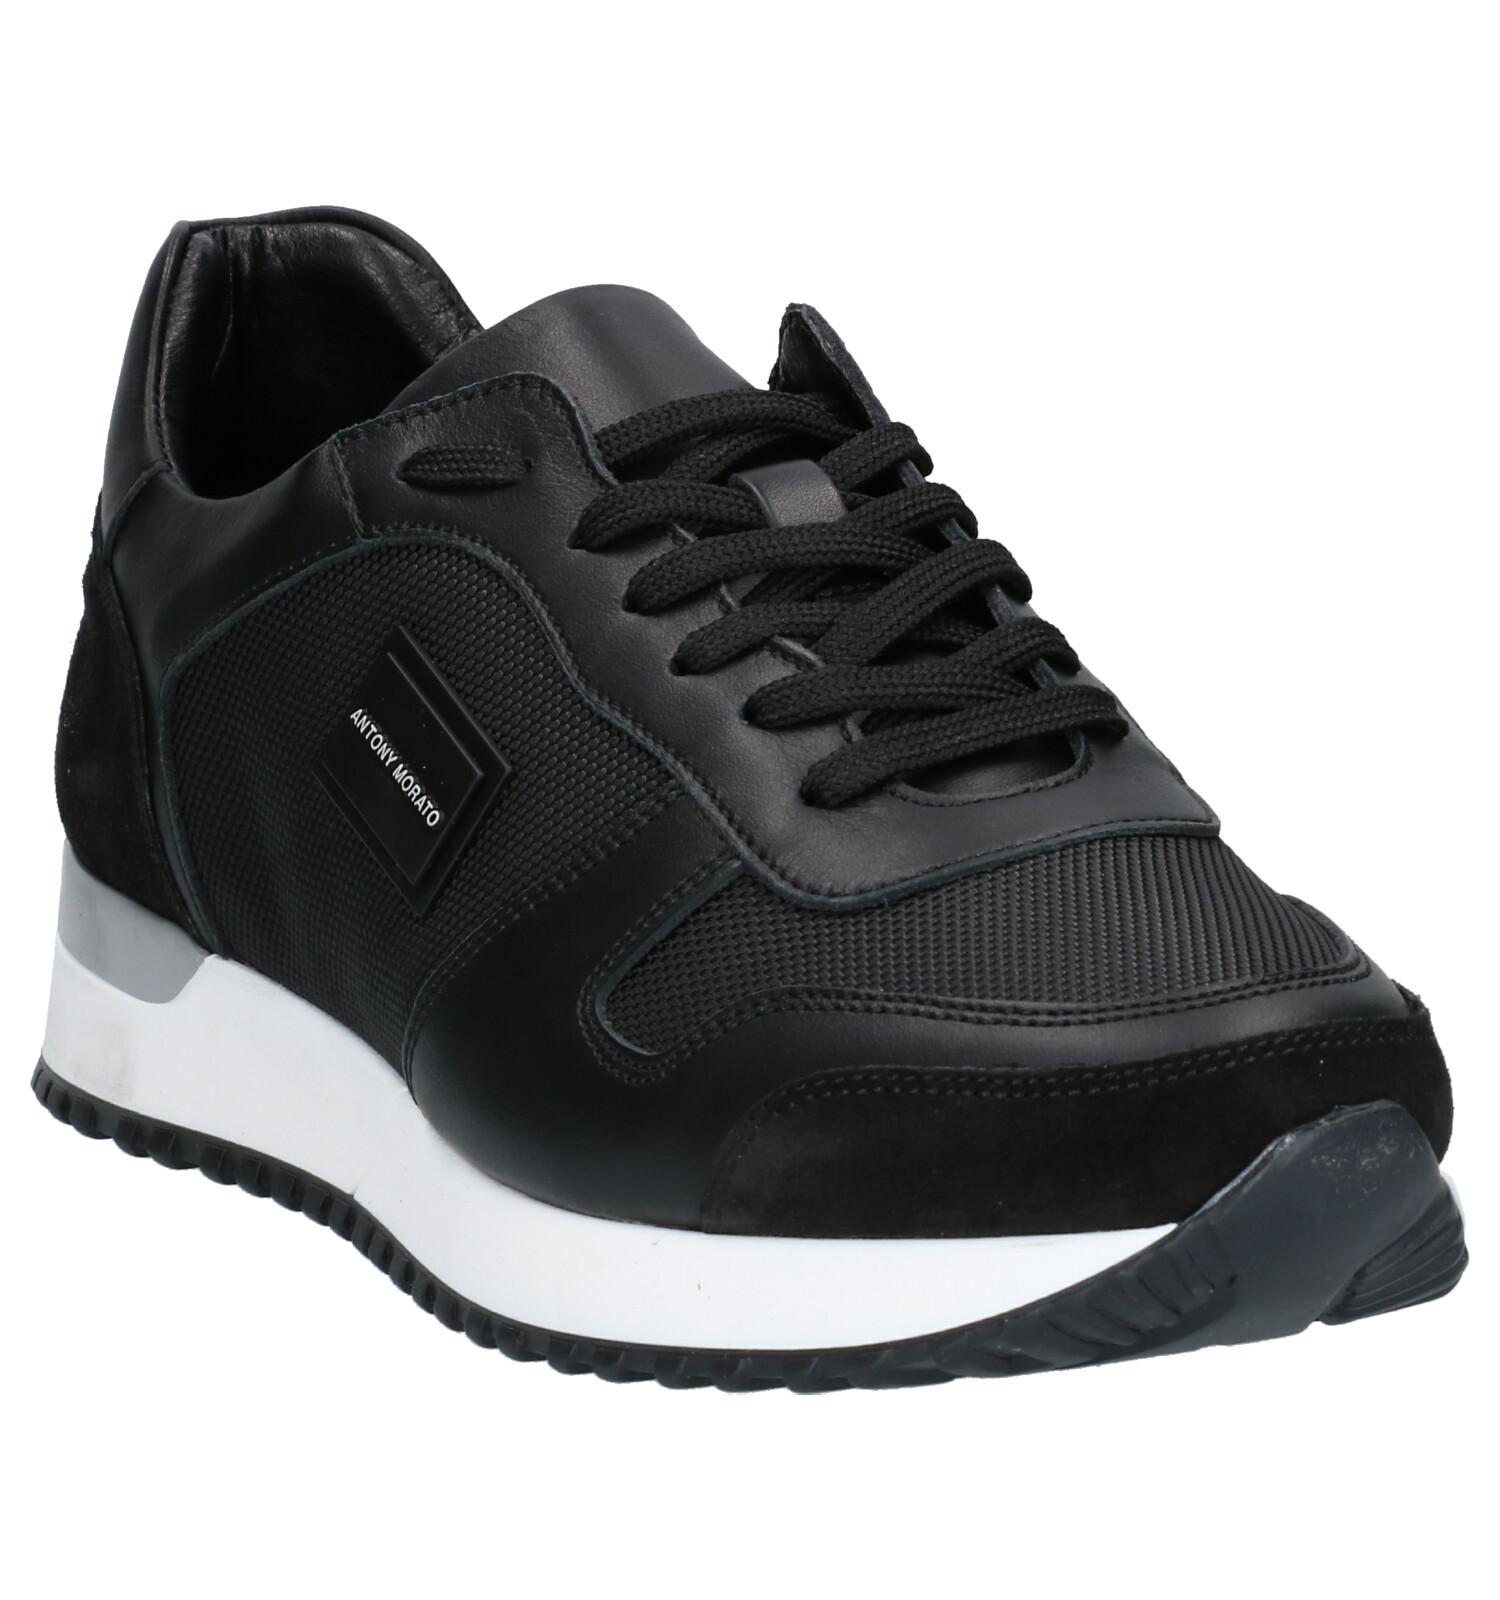 Morato Zwarte Zwarte Anthony Morato Zwarte Zwarte Anthony Sneakers Morato Sneakers Anthony Sneakers Morato Anthony XZiuPOk